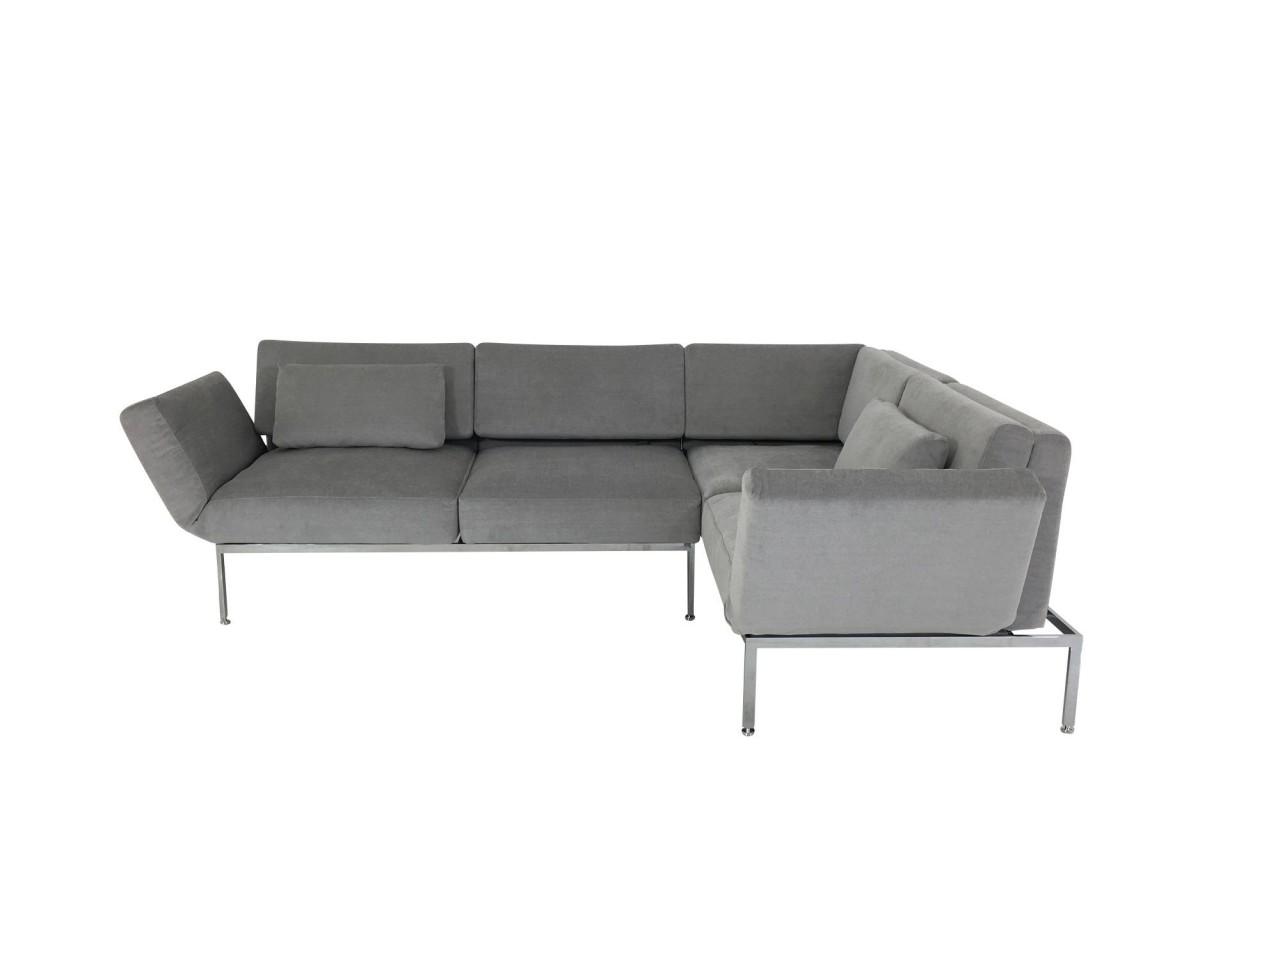 Brühl RORO/20 soft Ecksofa rechts mit weichen Sitzkomfort und zwei Drehsitzen in Stoff platingrau